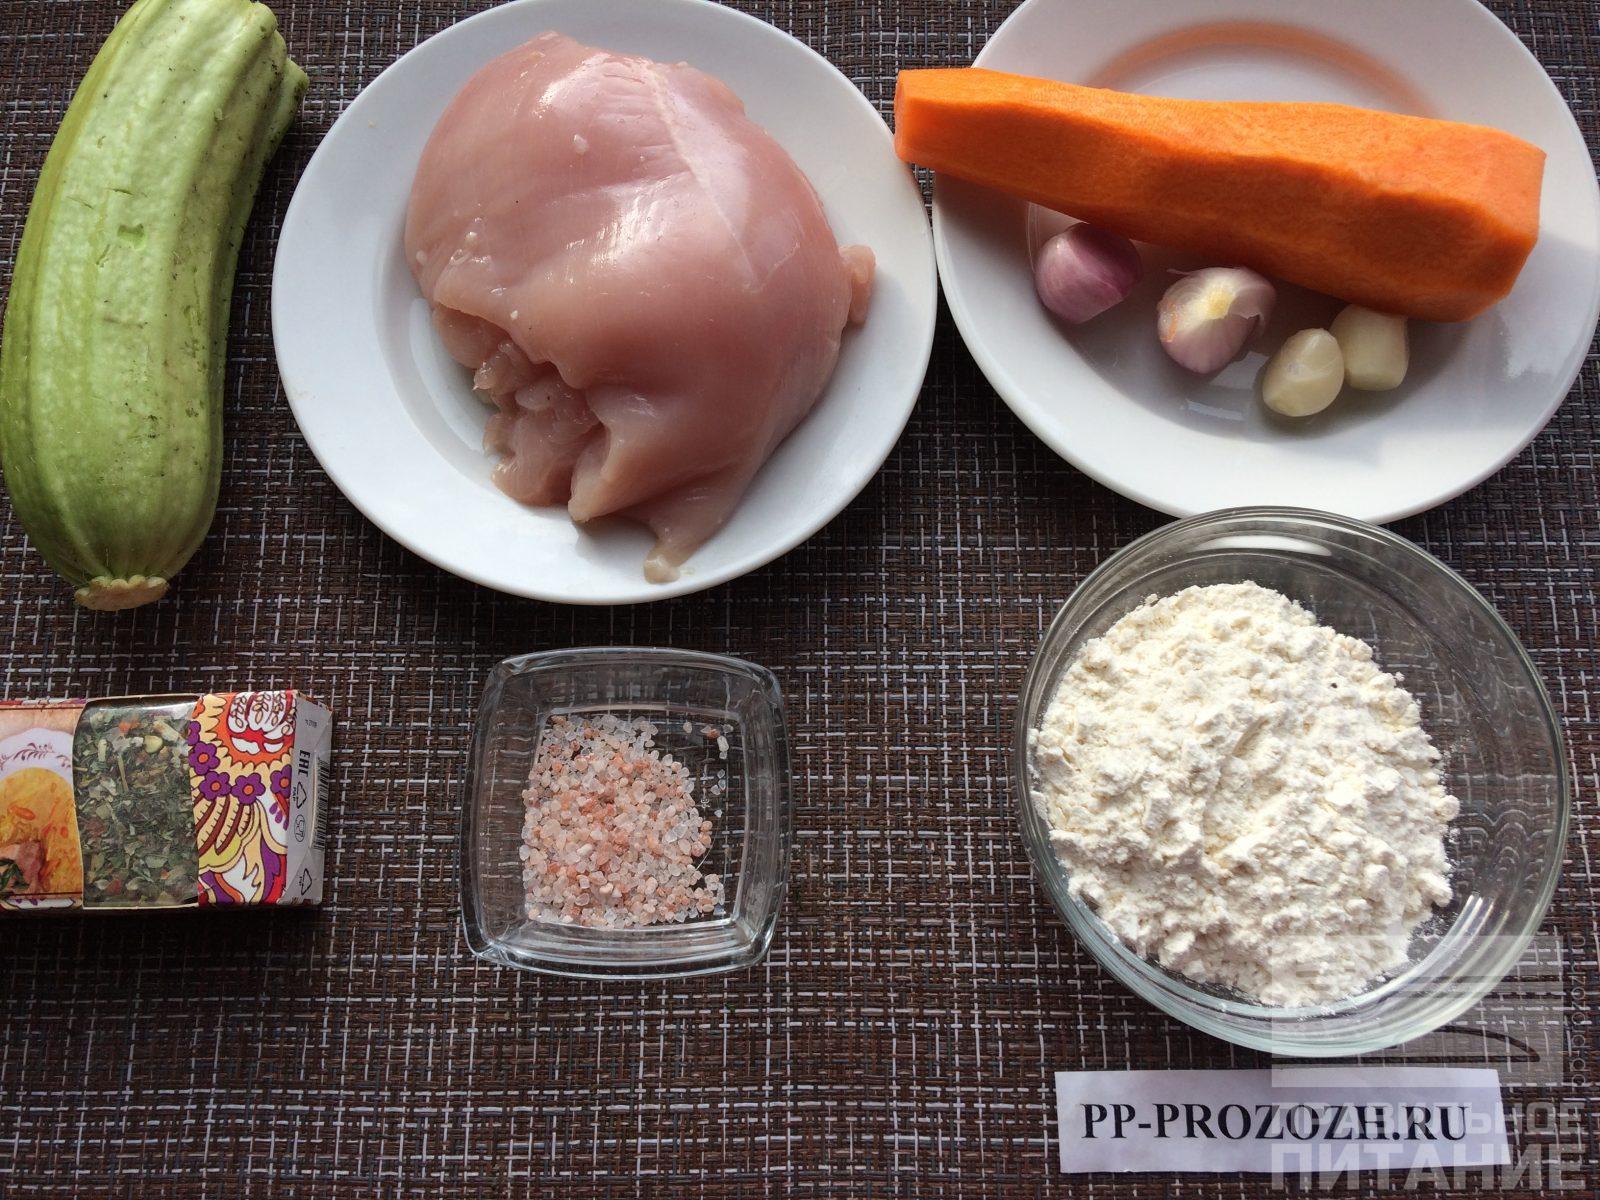 Варианты приготовления куриной грудки для похудения